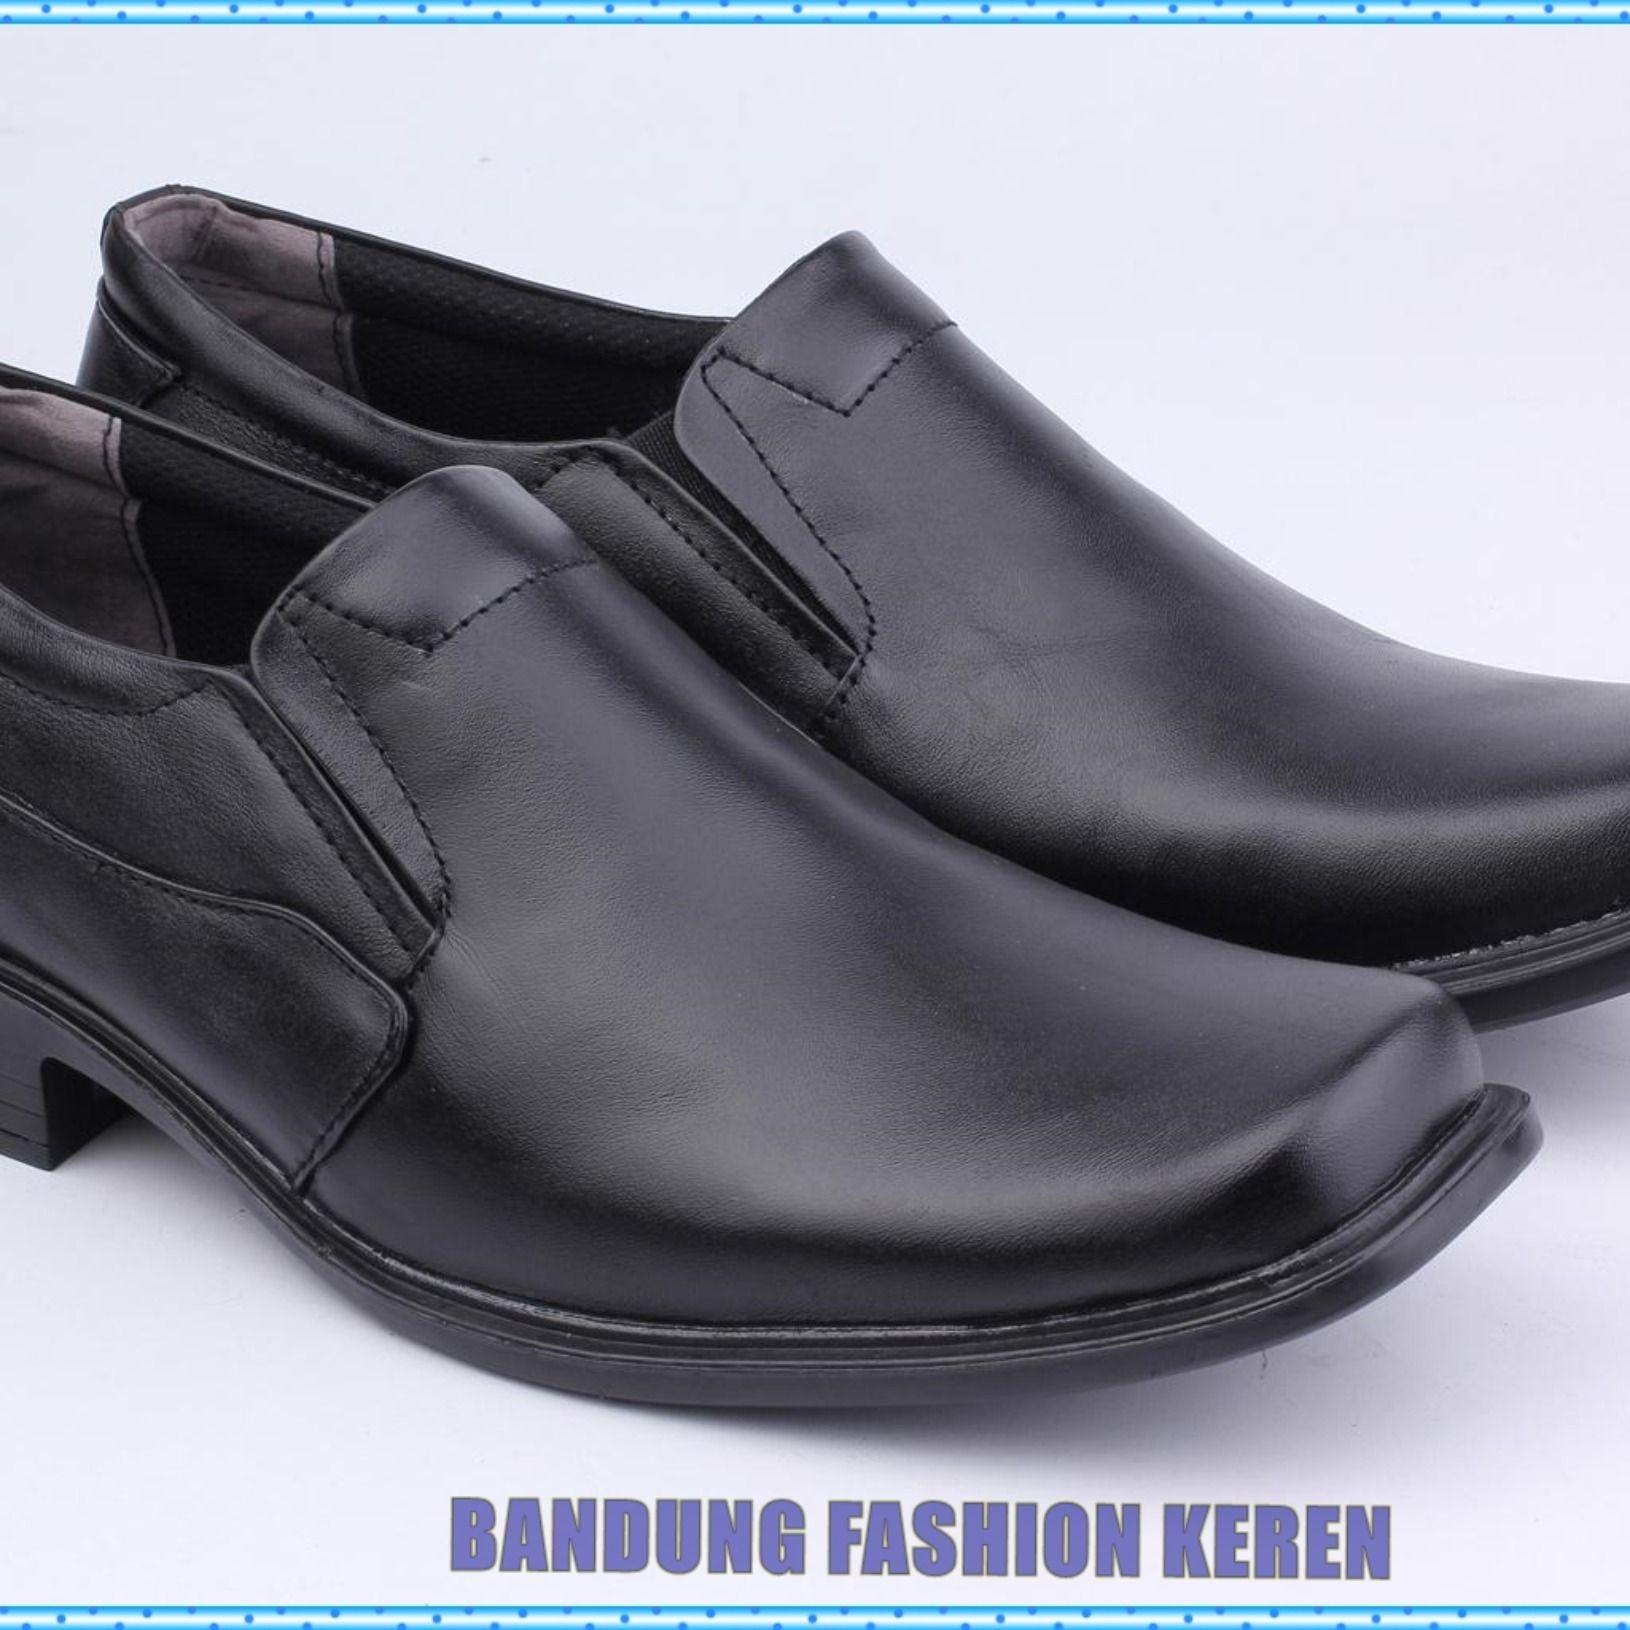 Sepatu Formil Pria Bn 107 Produk Fashion Handmade Terbaik 100 Persen Asli Produk Indonesia Asal Bandung Kota Paris Van Java Produk Terbar Sepatu Hitam Pria